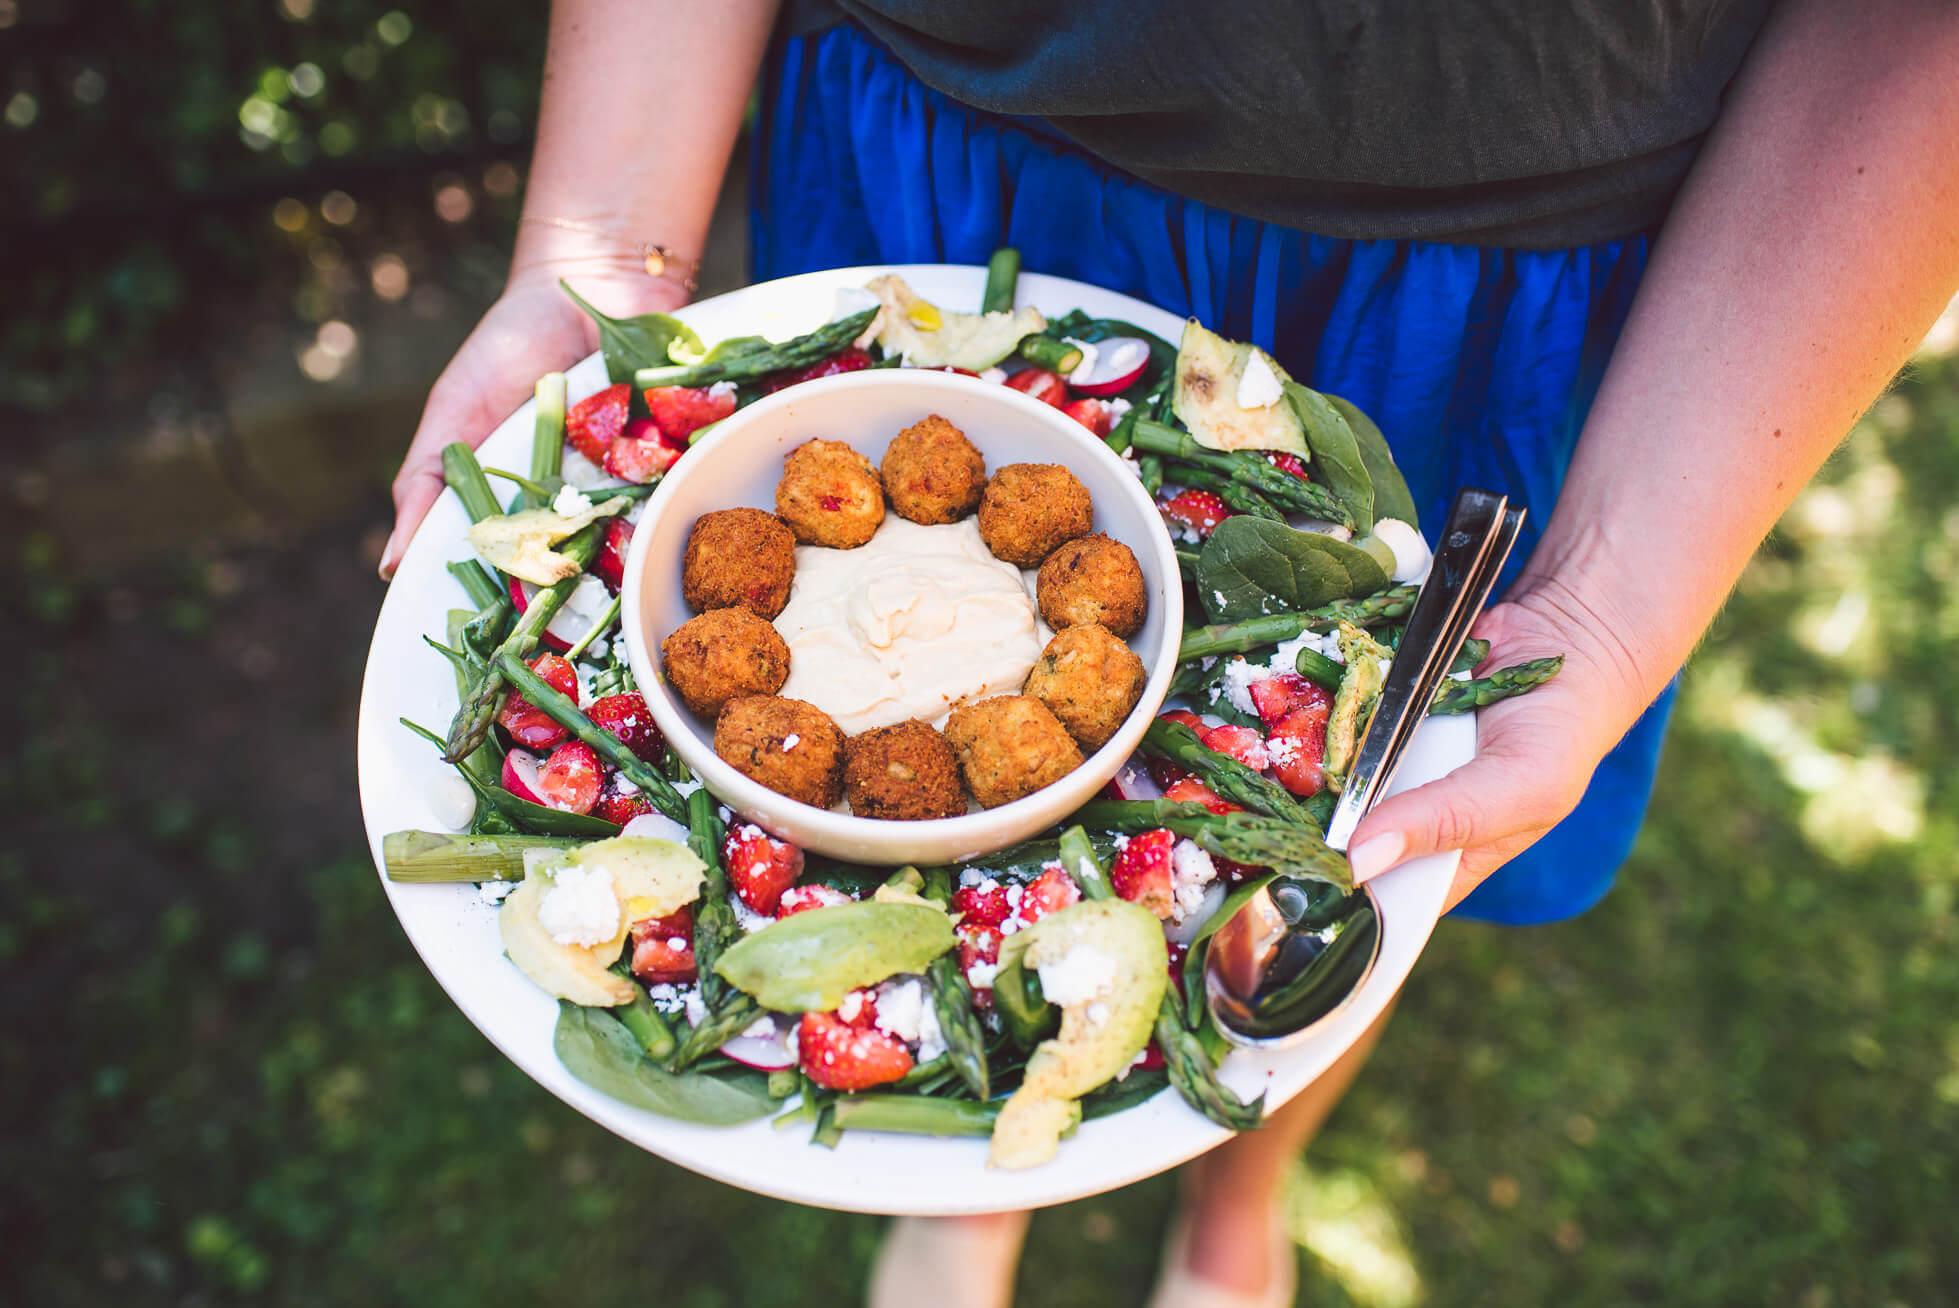 janni-deler-summer-saladDSC_7033